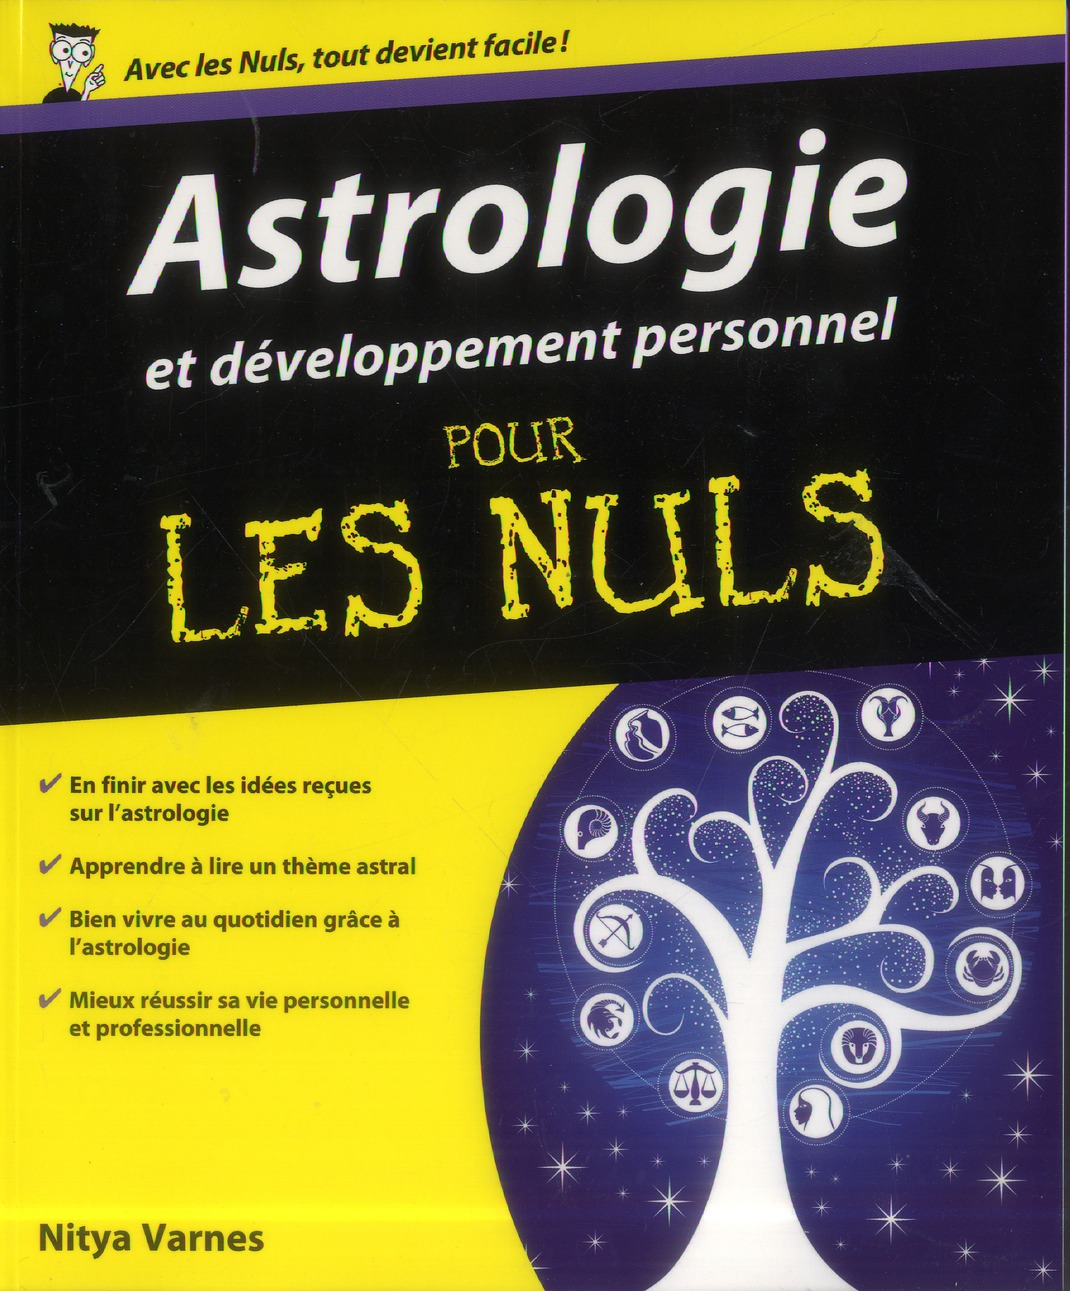 ASTROLOGIE ET DEVELOPPEMENT PERSONNEL POUR LES NULS